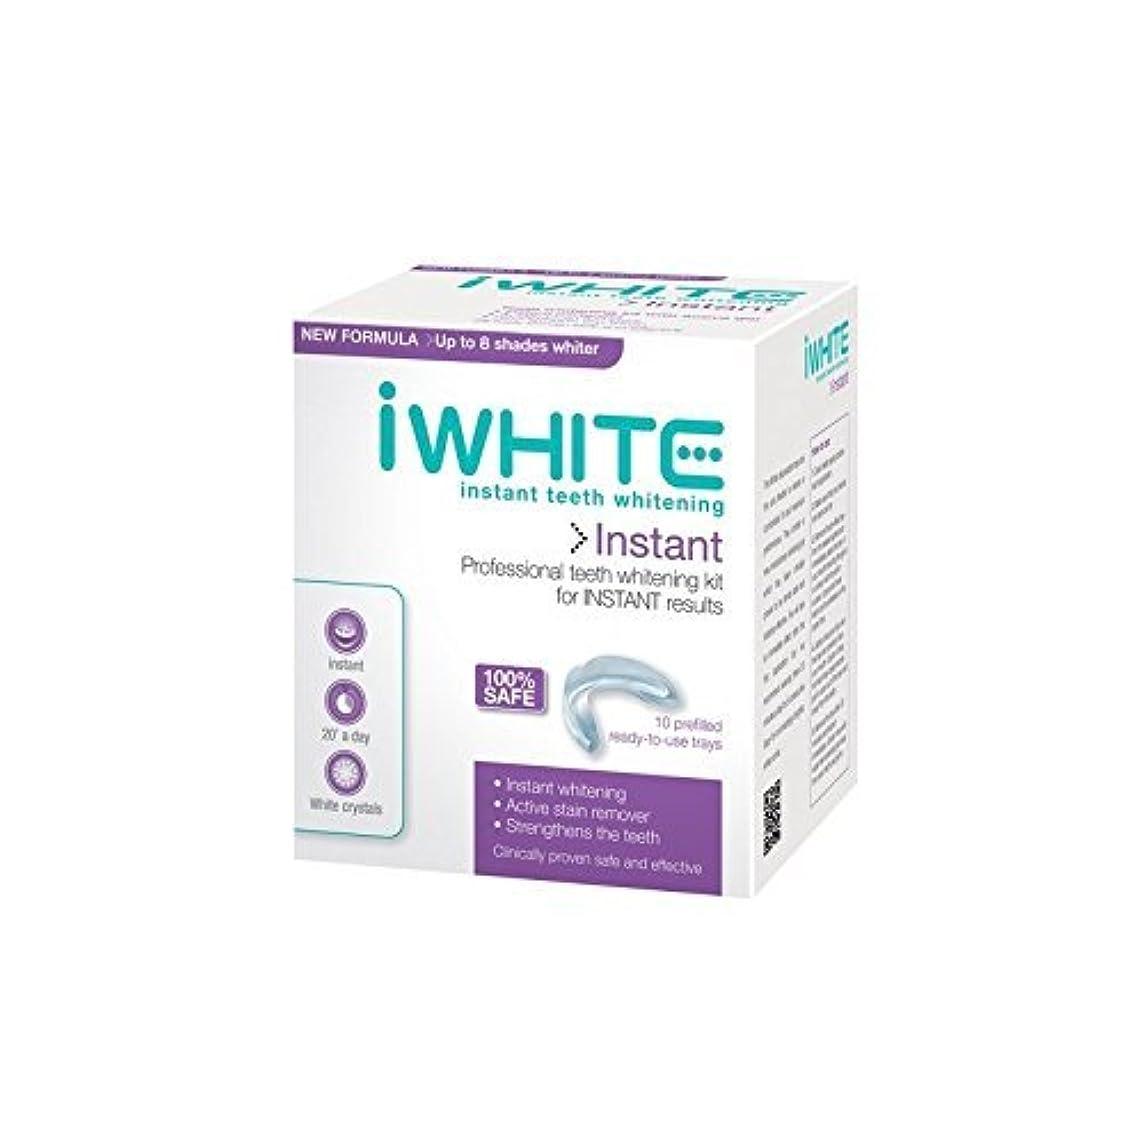 死んでいるベッドを作るする必要があるiWhite Instant Professional Teeth Whitening Kit (10 Trays) - キットを白くするインスタントプロの歯(10個のトレー) [並行輸入品]